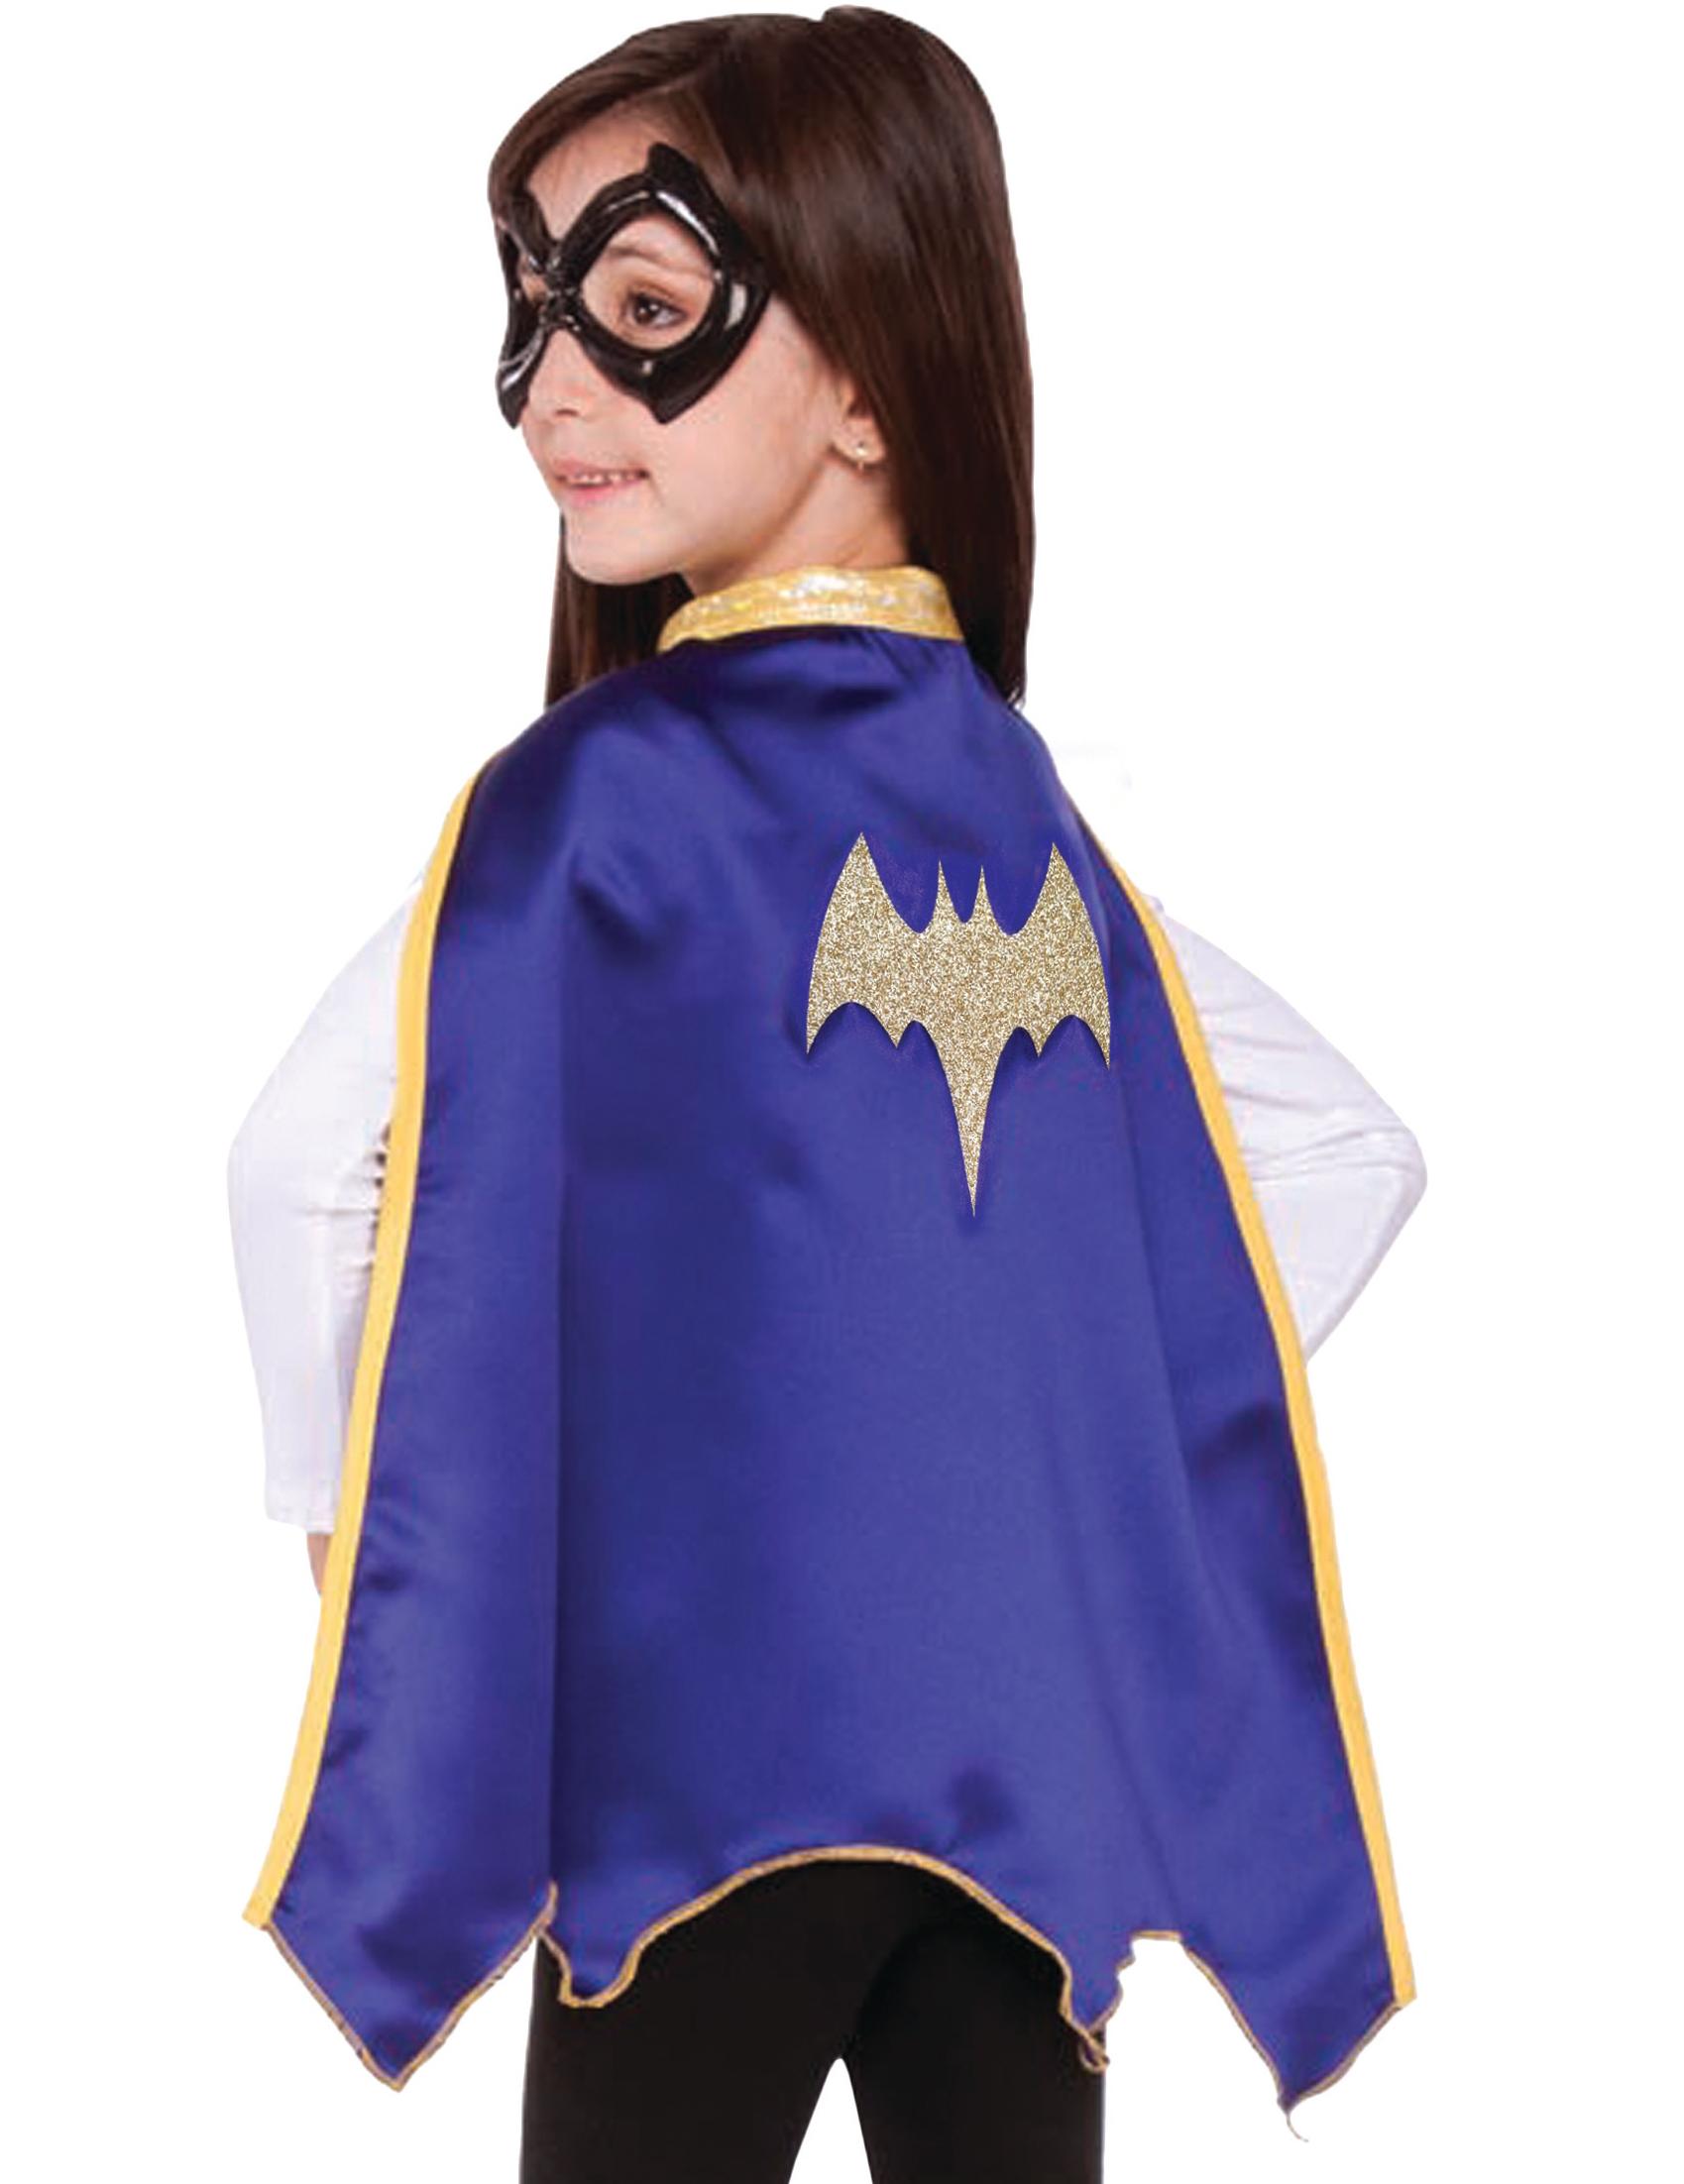 cape et loup batgirl super hero girls enfant deguise toi achat de accessoires. Black Bedroom Furniture Sets. Home Design Ideas